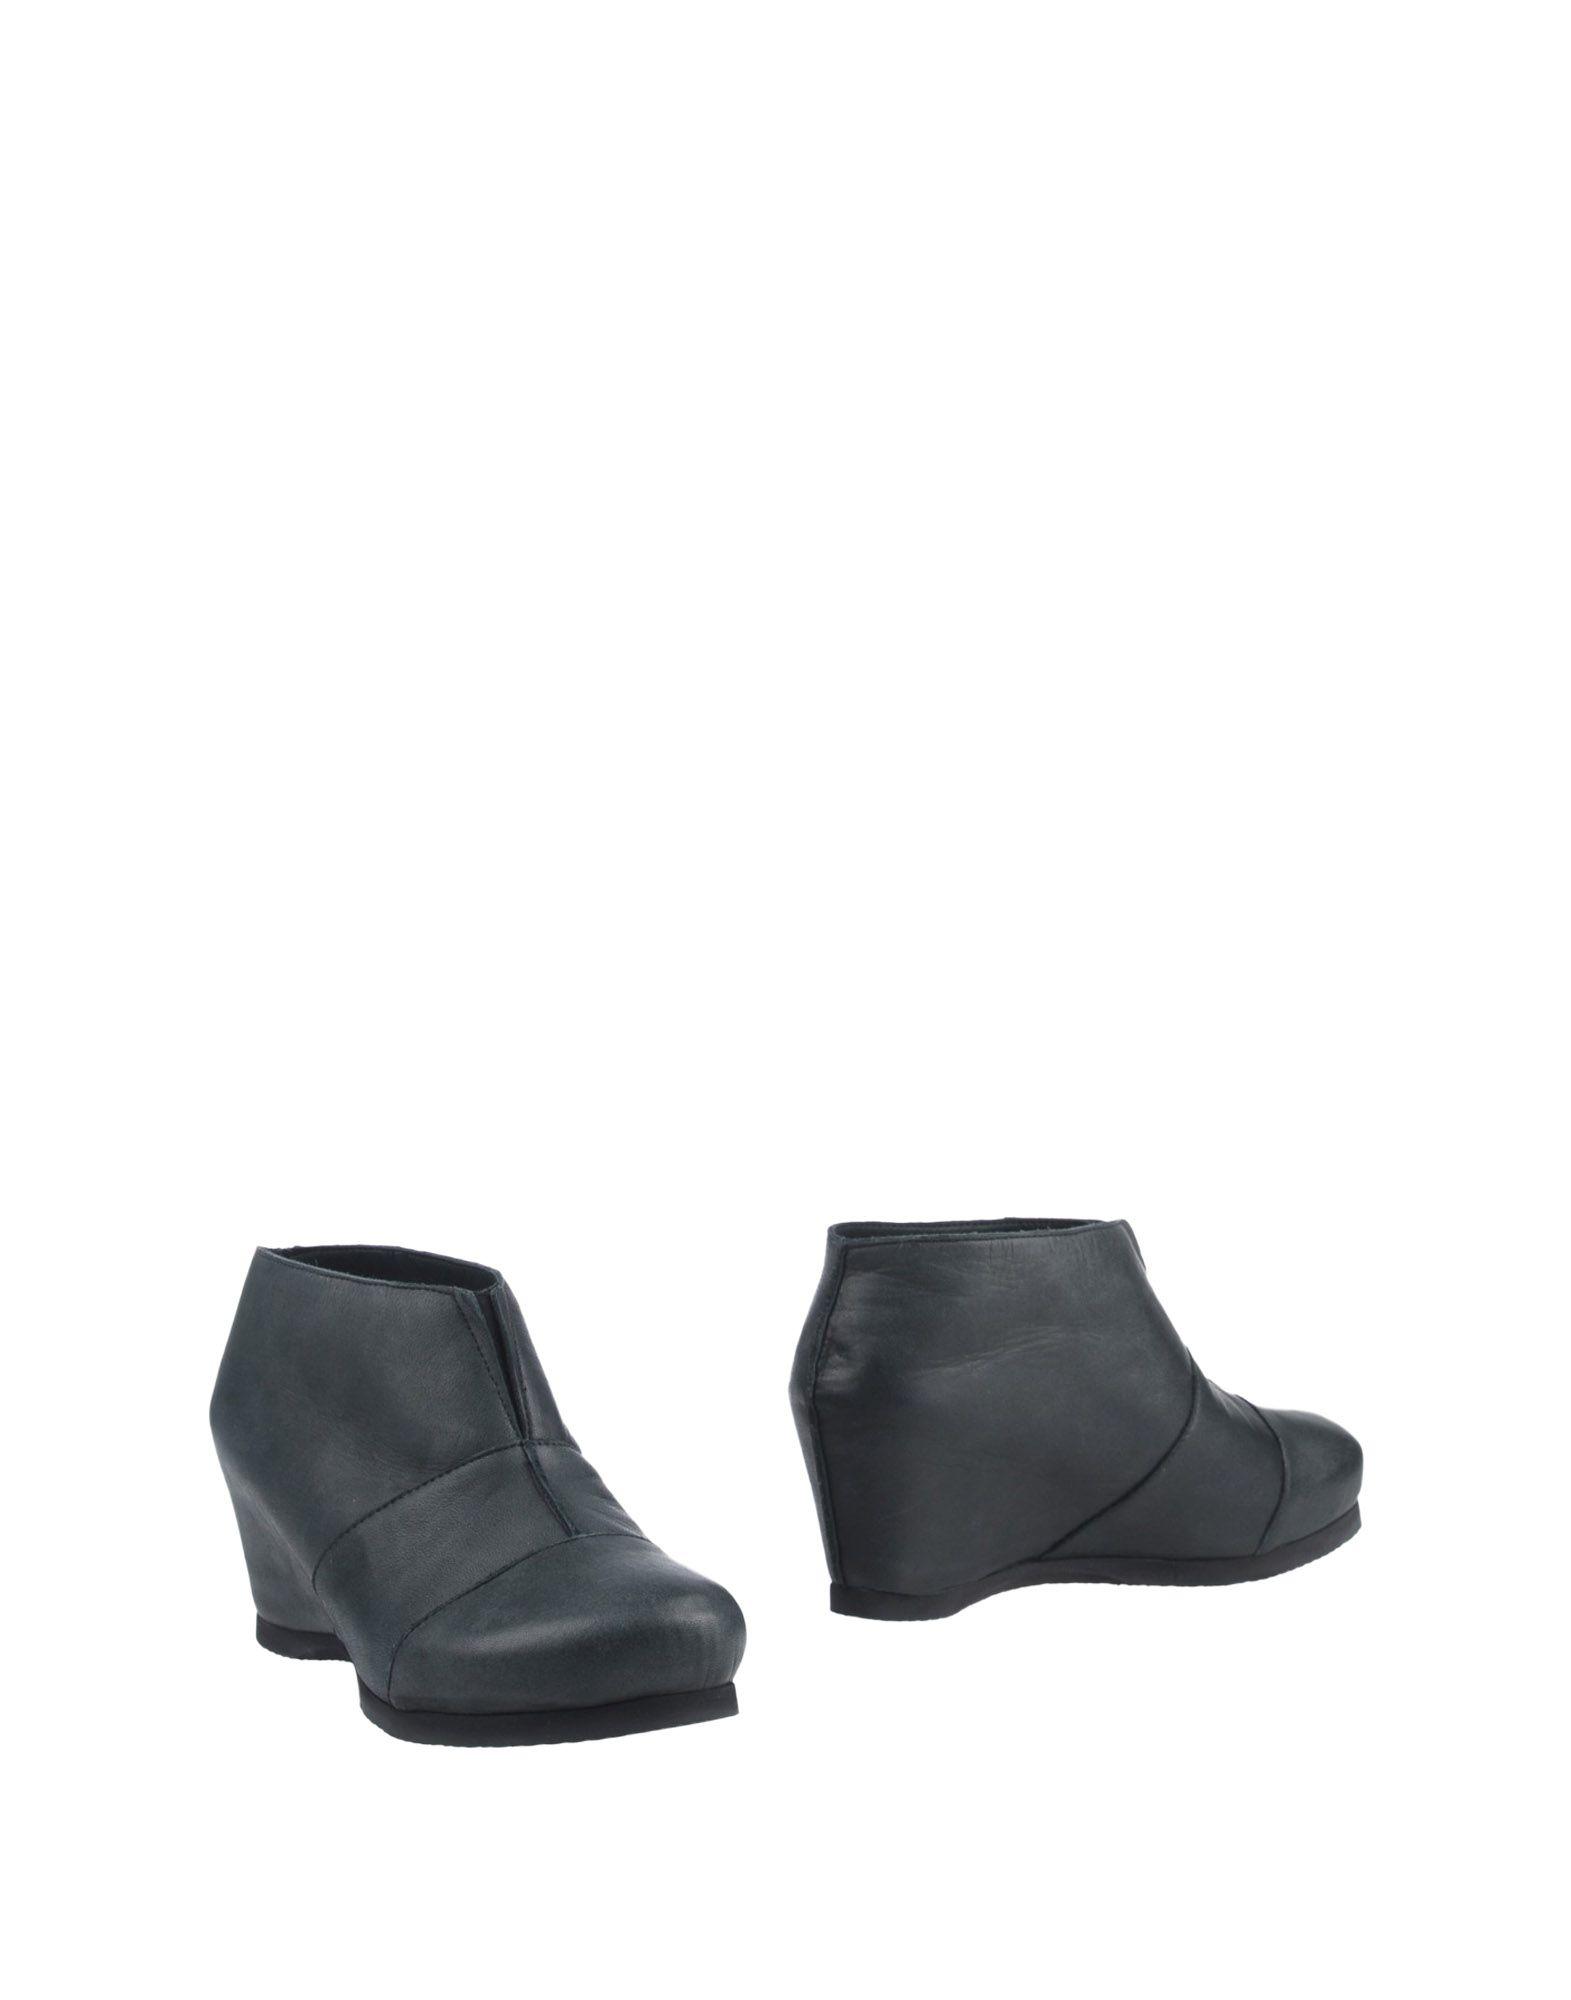 Stilvolle billige Stiefelette Schuhe Peter Non Stiefelette billige Damen  11316012QR 5f74f3